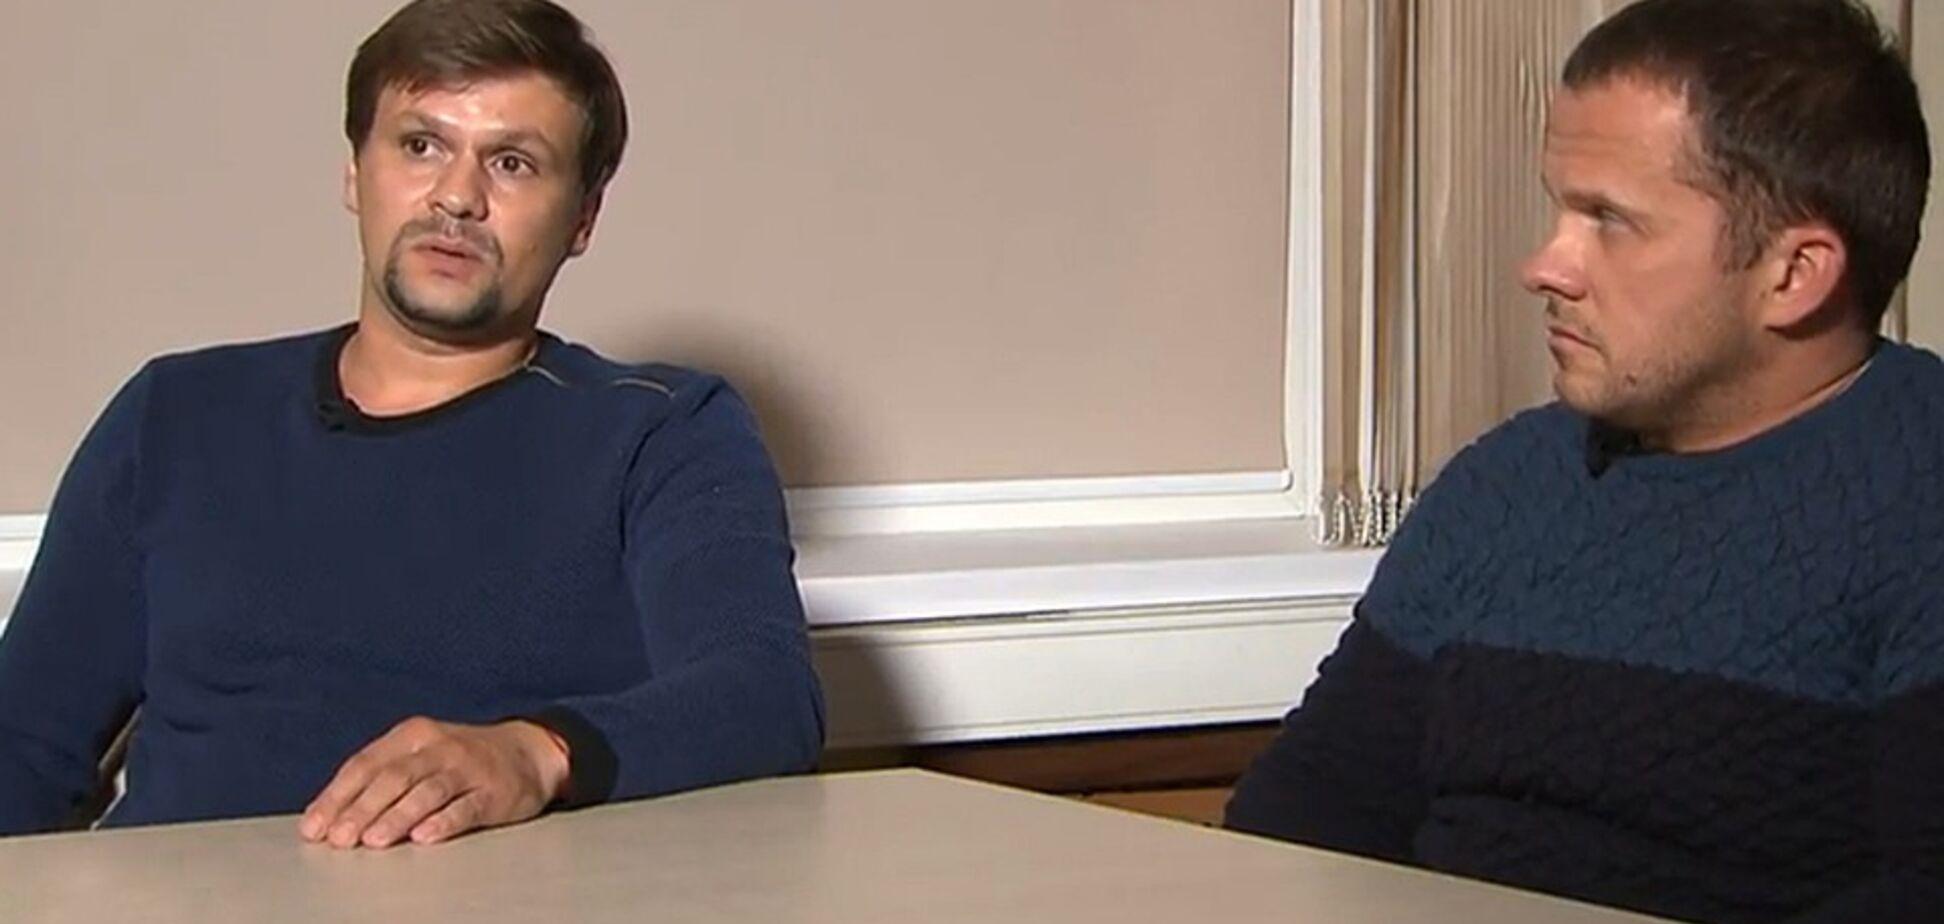 ''Это оскорбление!'' Мэй разозлило интервью людей Путина о деле Скрипаля